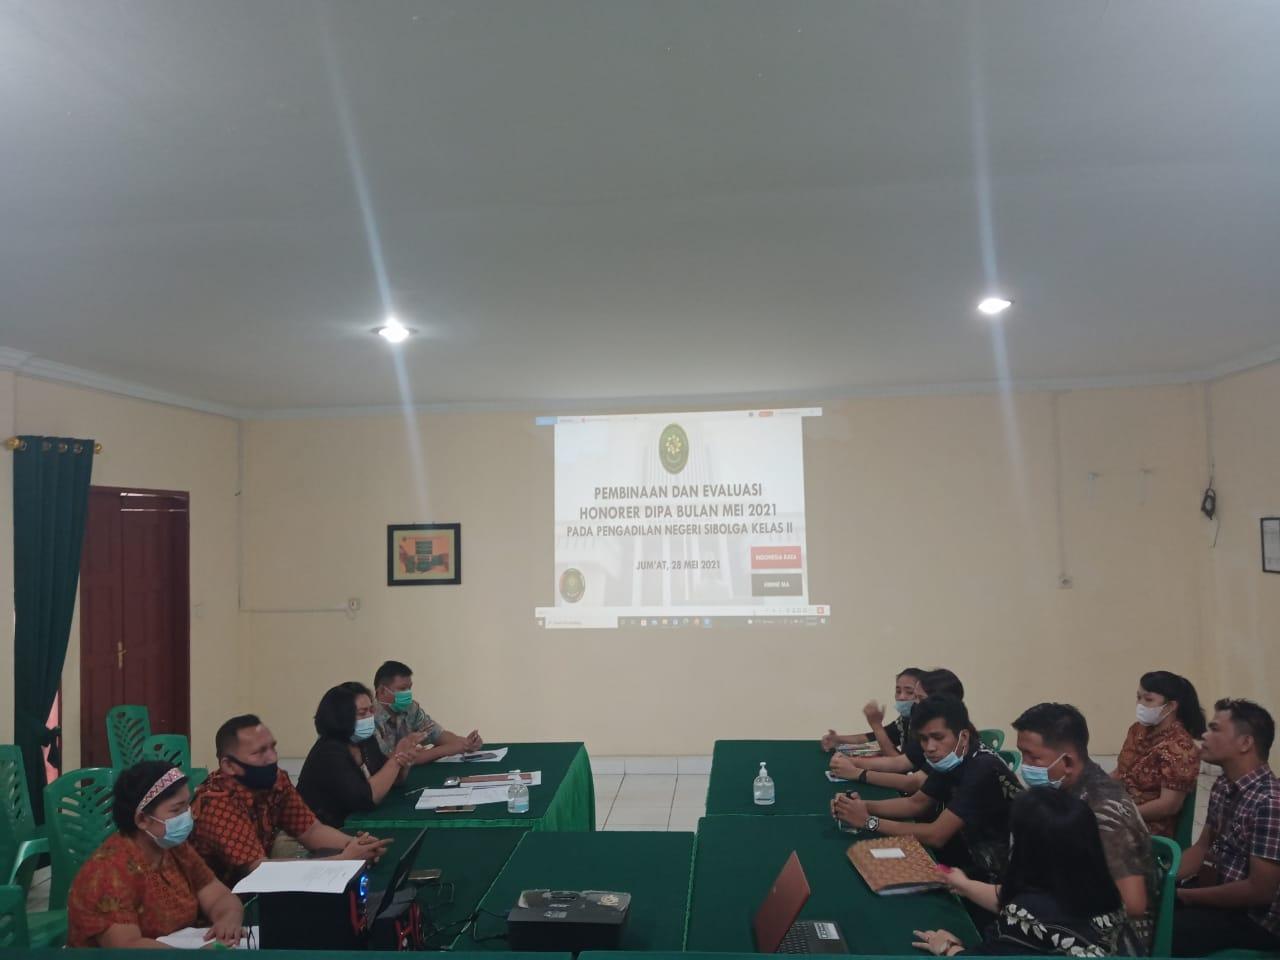 Pembinaan dan Evaluasi PPNPN Pengadilan Negeri Sibolga